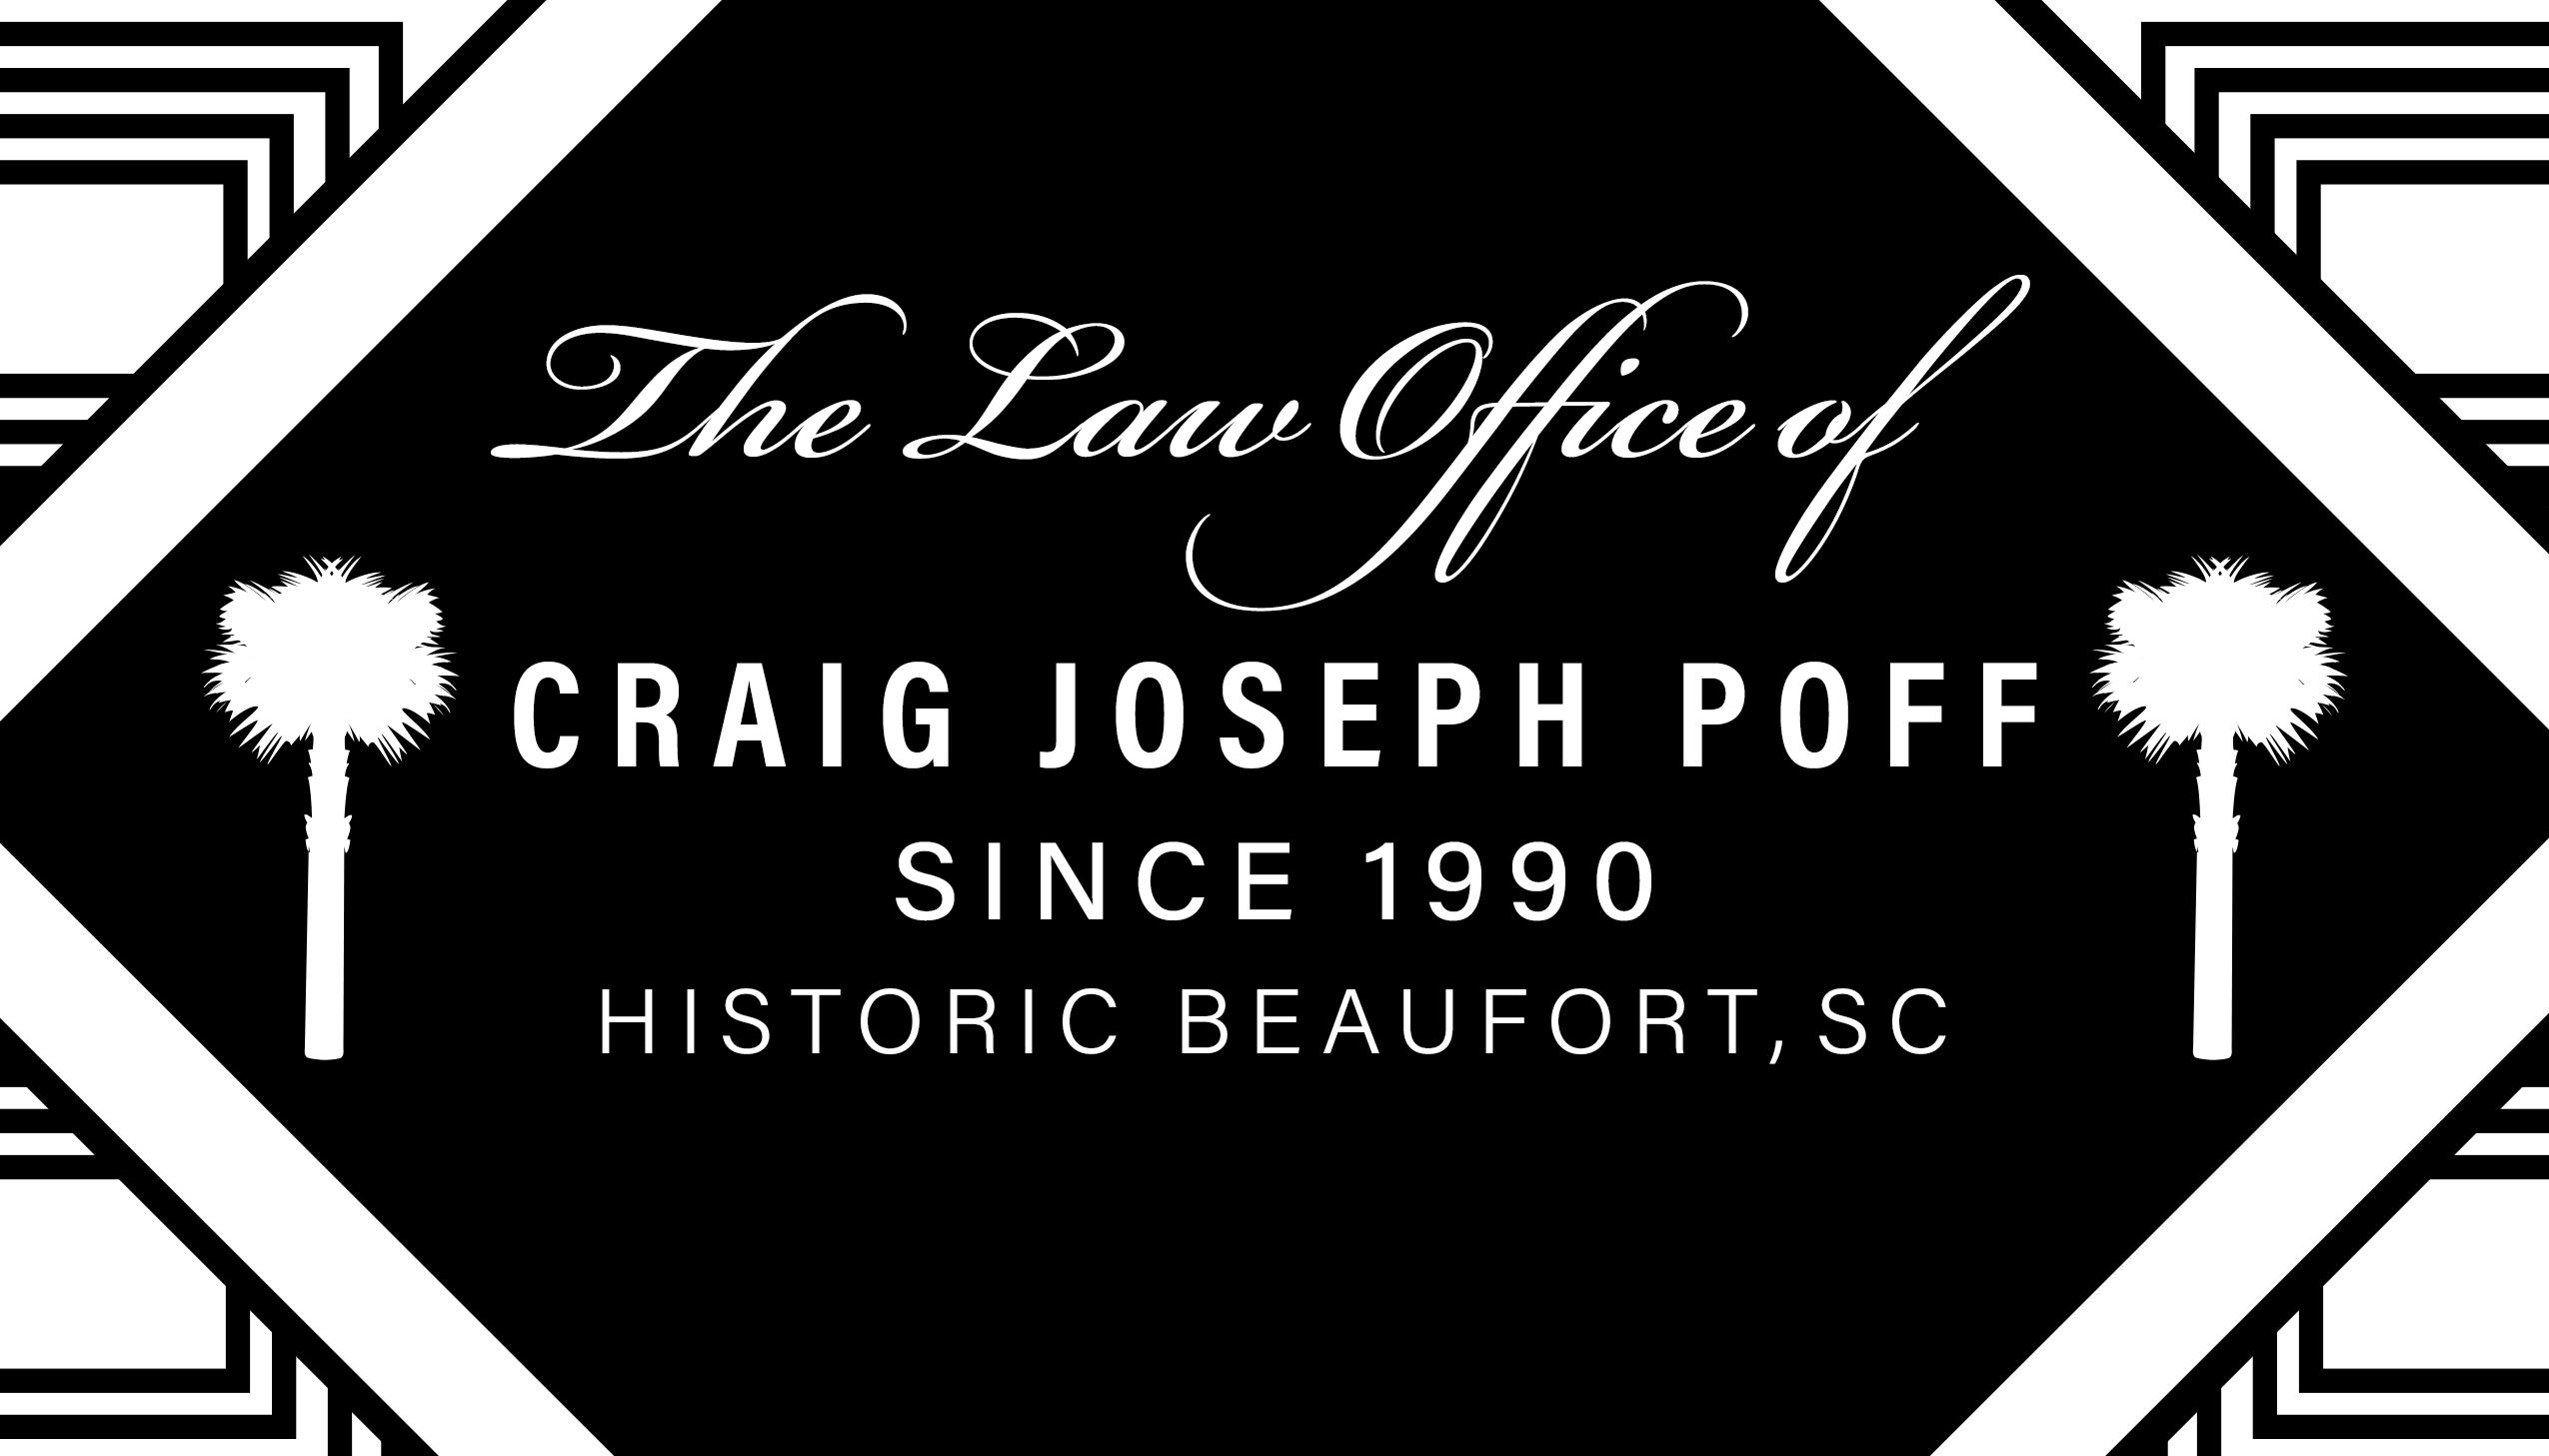 Poff Law Office Since 1990 in Historic Beaufort SC